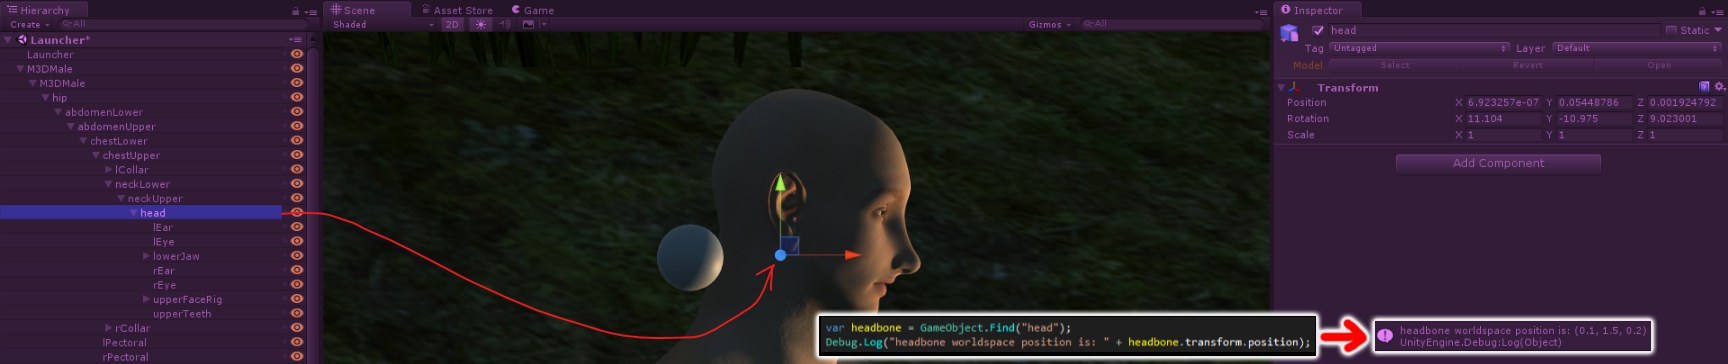 headbone1.png